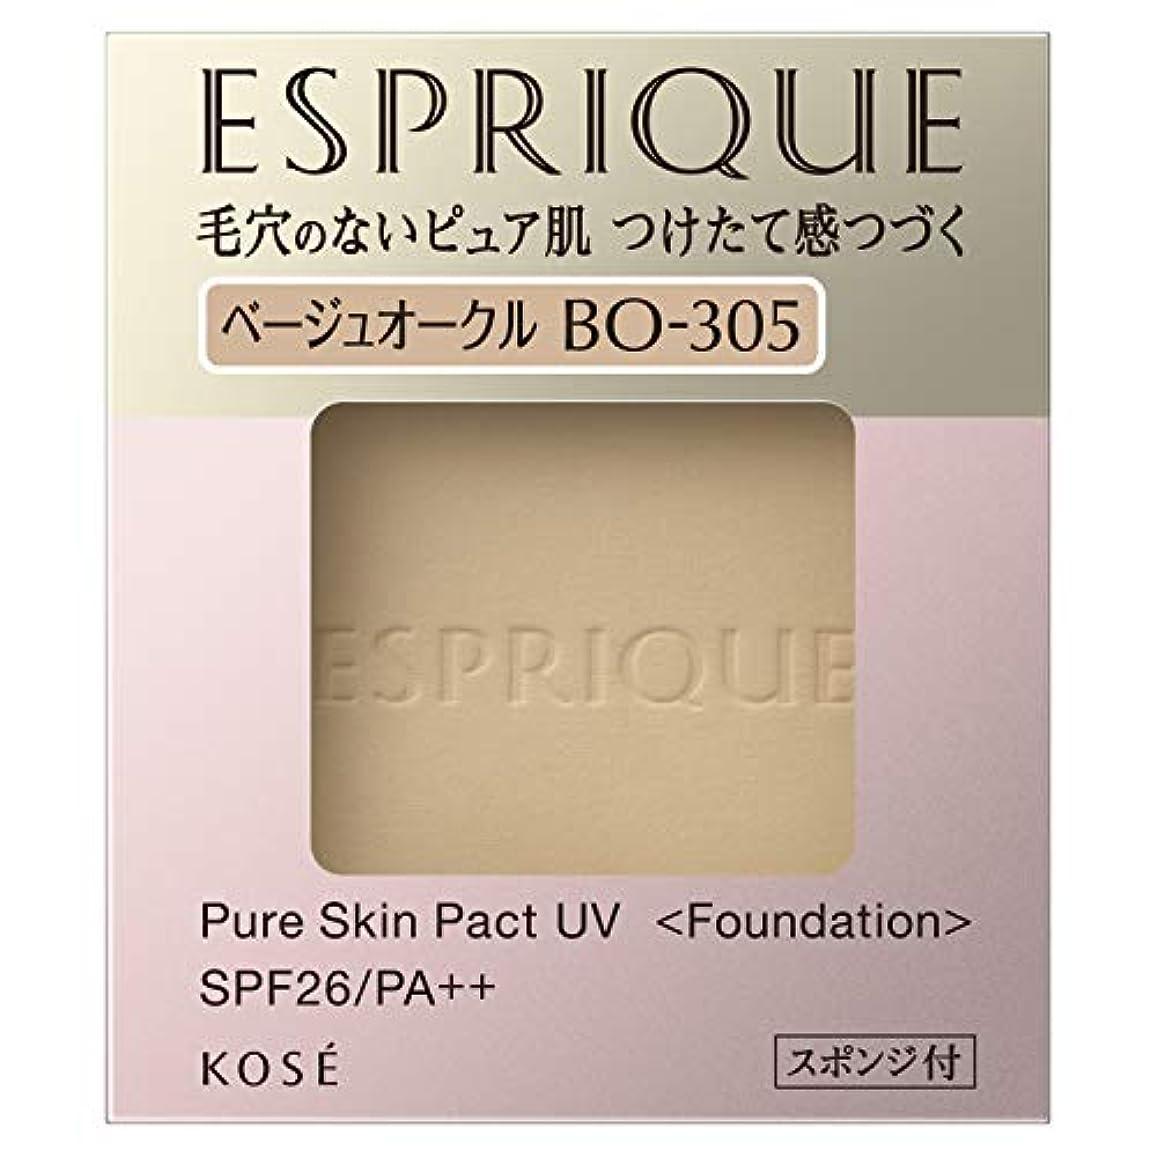 防ぐヶ月目乳製品エスプリーク ピュアスキン パクト UV BO-305 ベージュオークル 9.3g